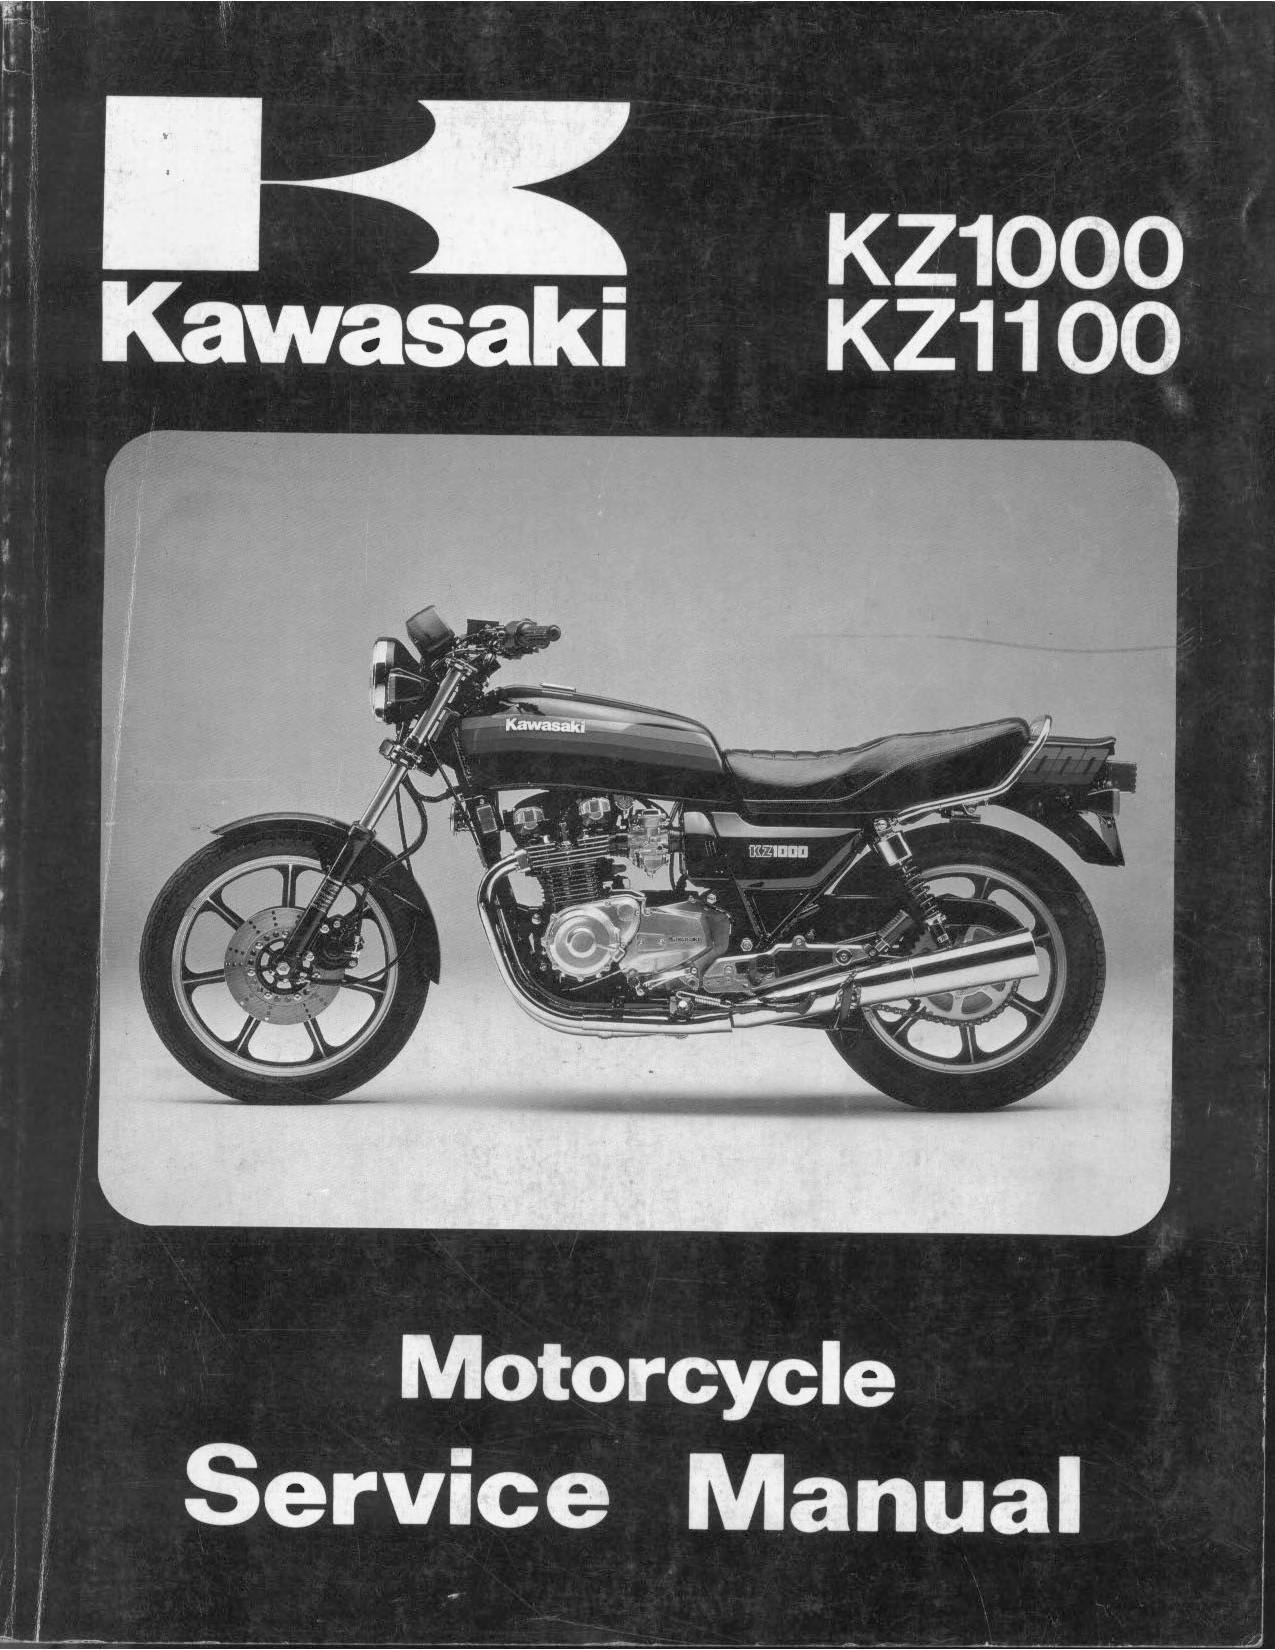 File Kawasaki Kz1000 J Kz1100 1981 1983 Service Manual Pdf Cyclechaos